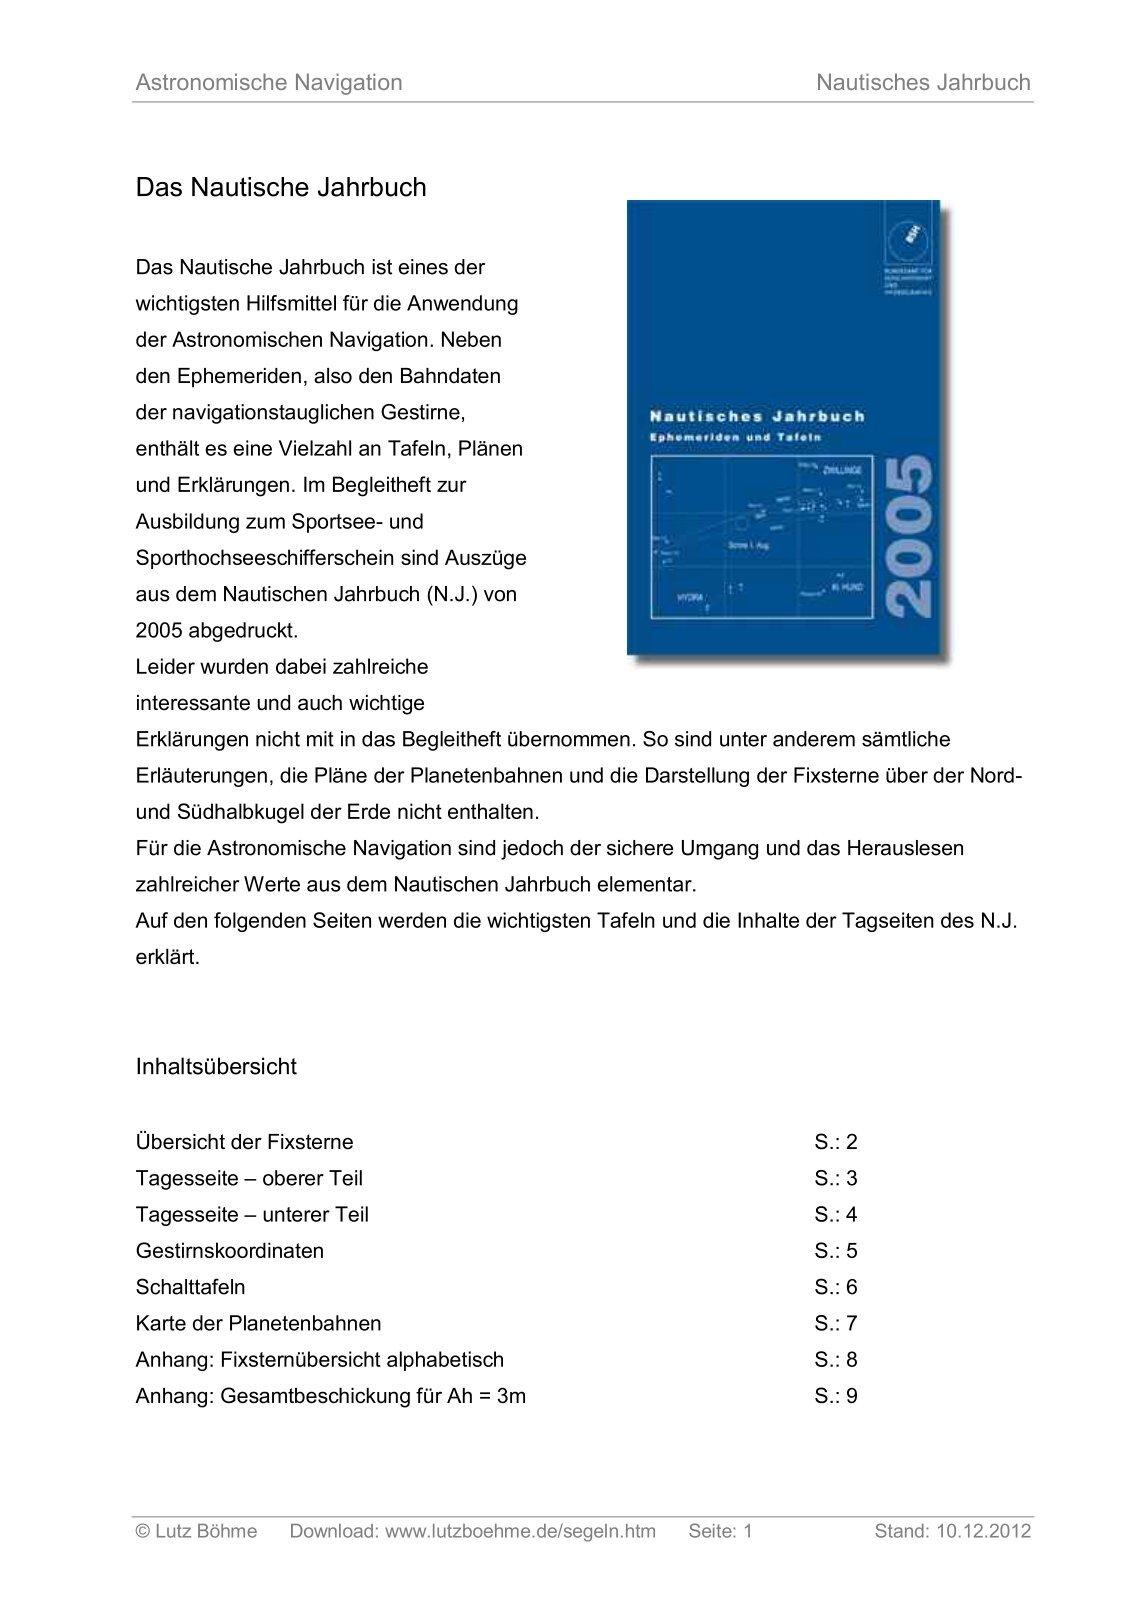 Großartig Jahrbuch Vorlagen Kostenloser Download Galerie - Entry ...